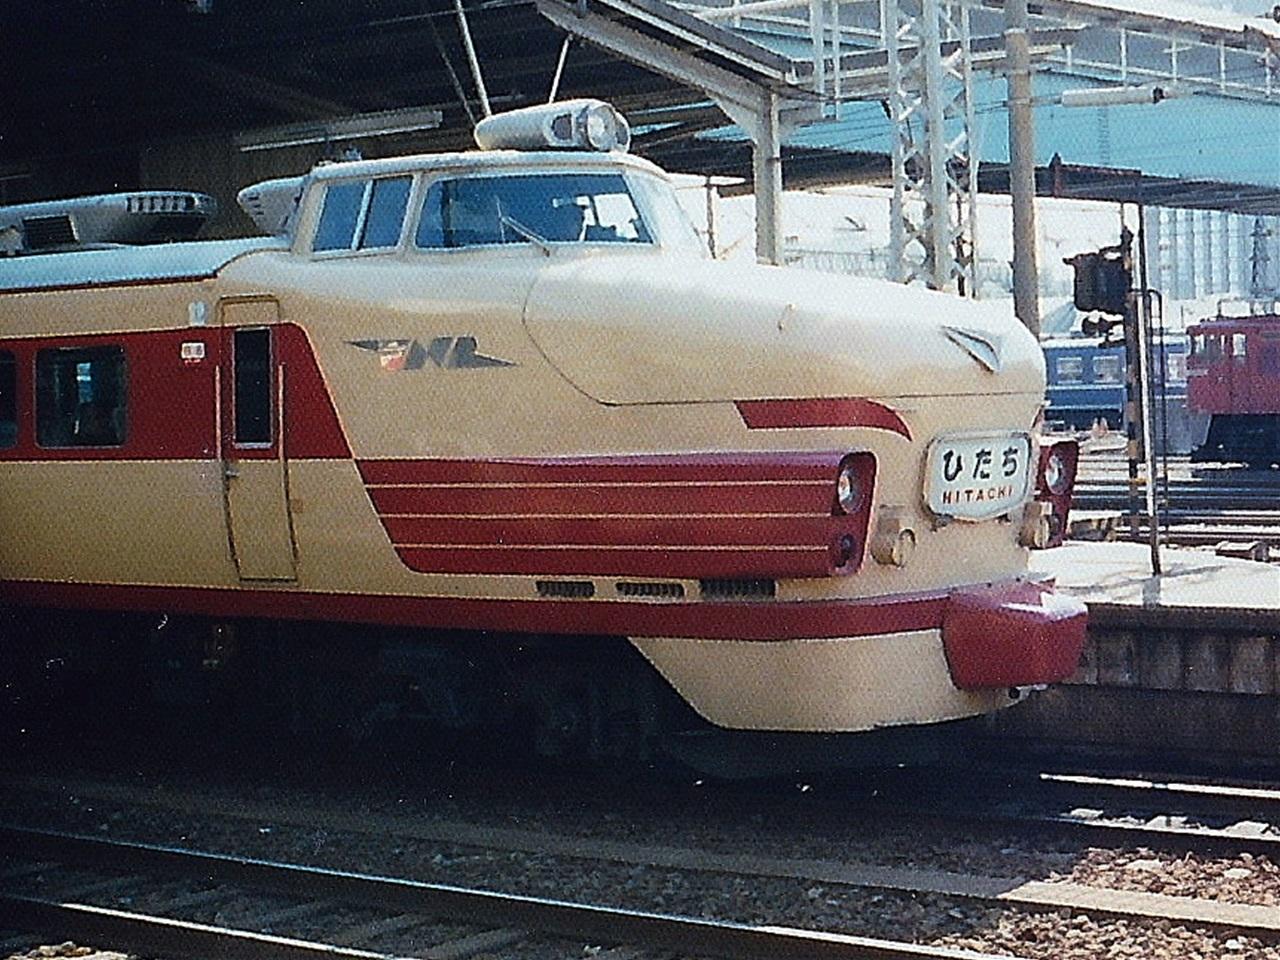 485kei_001_1980.jpg